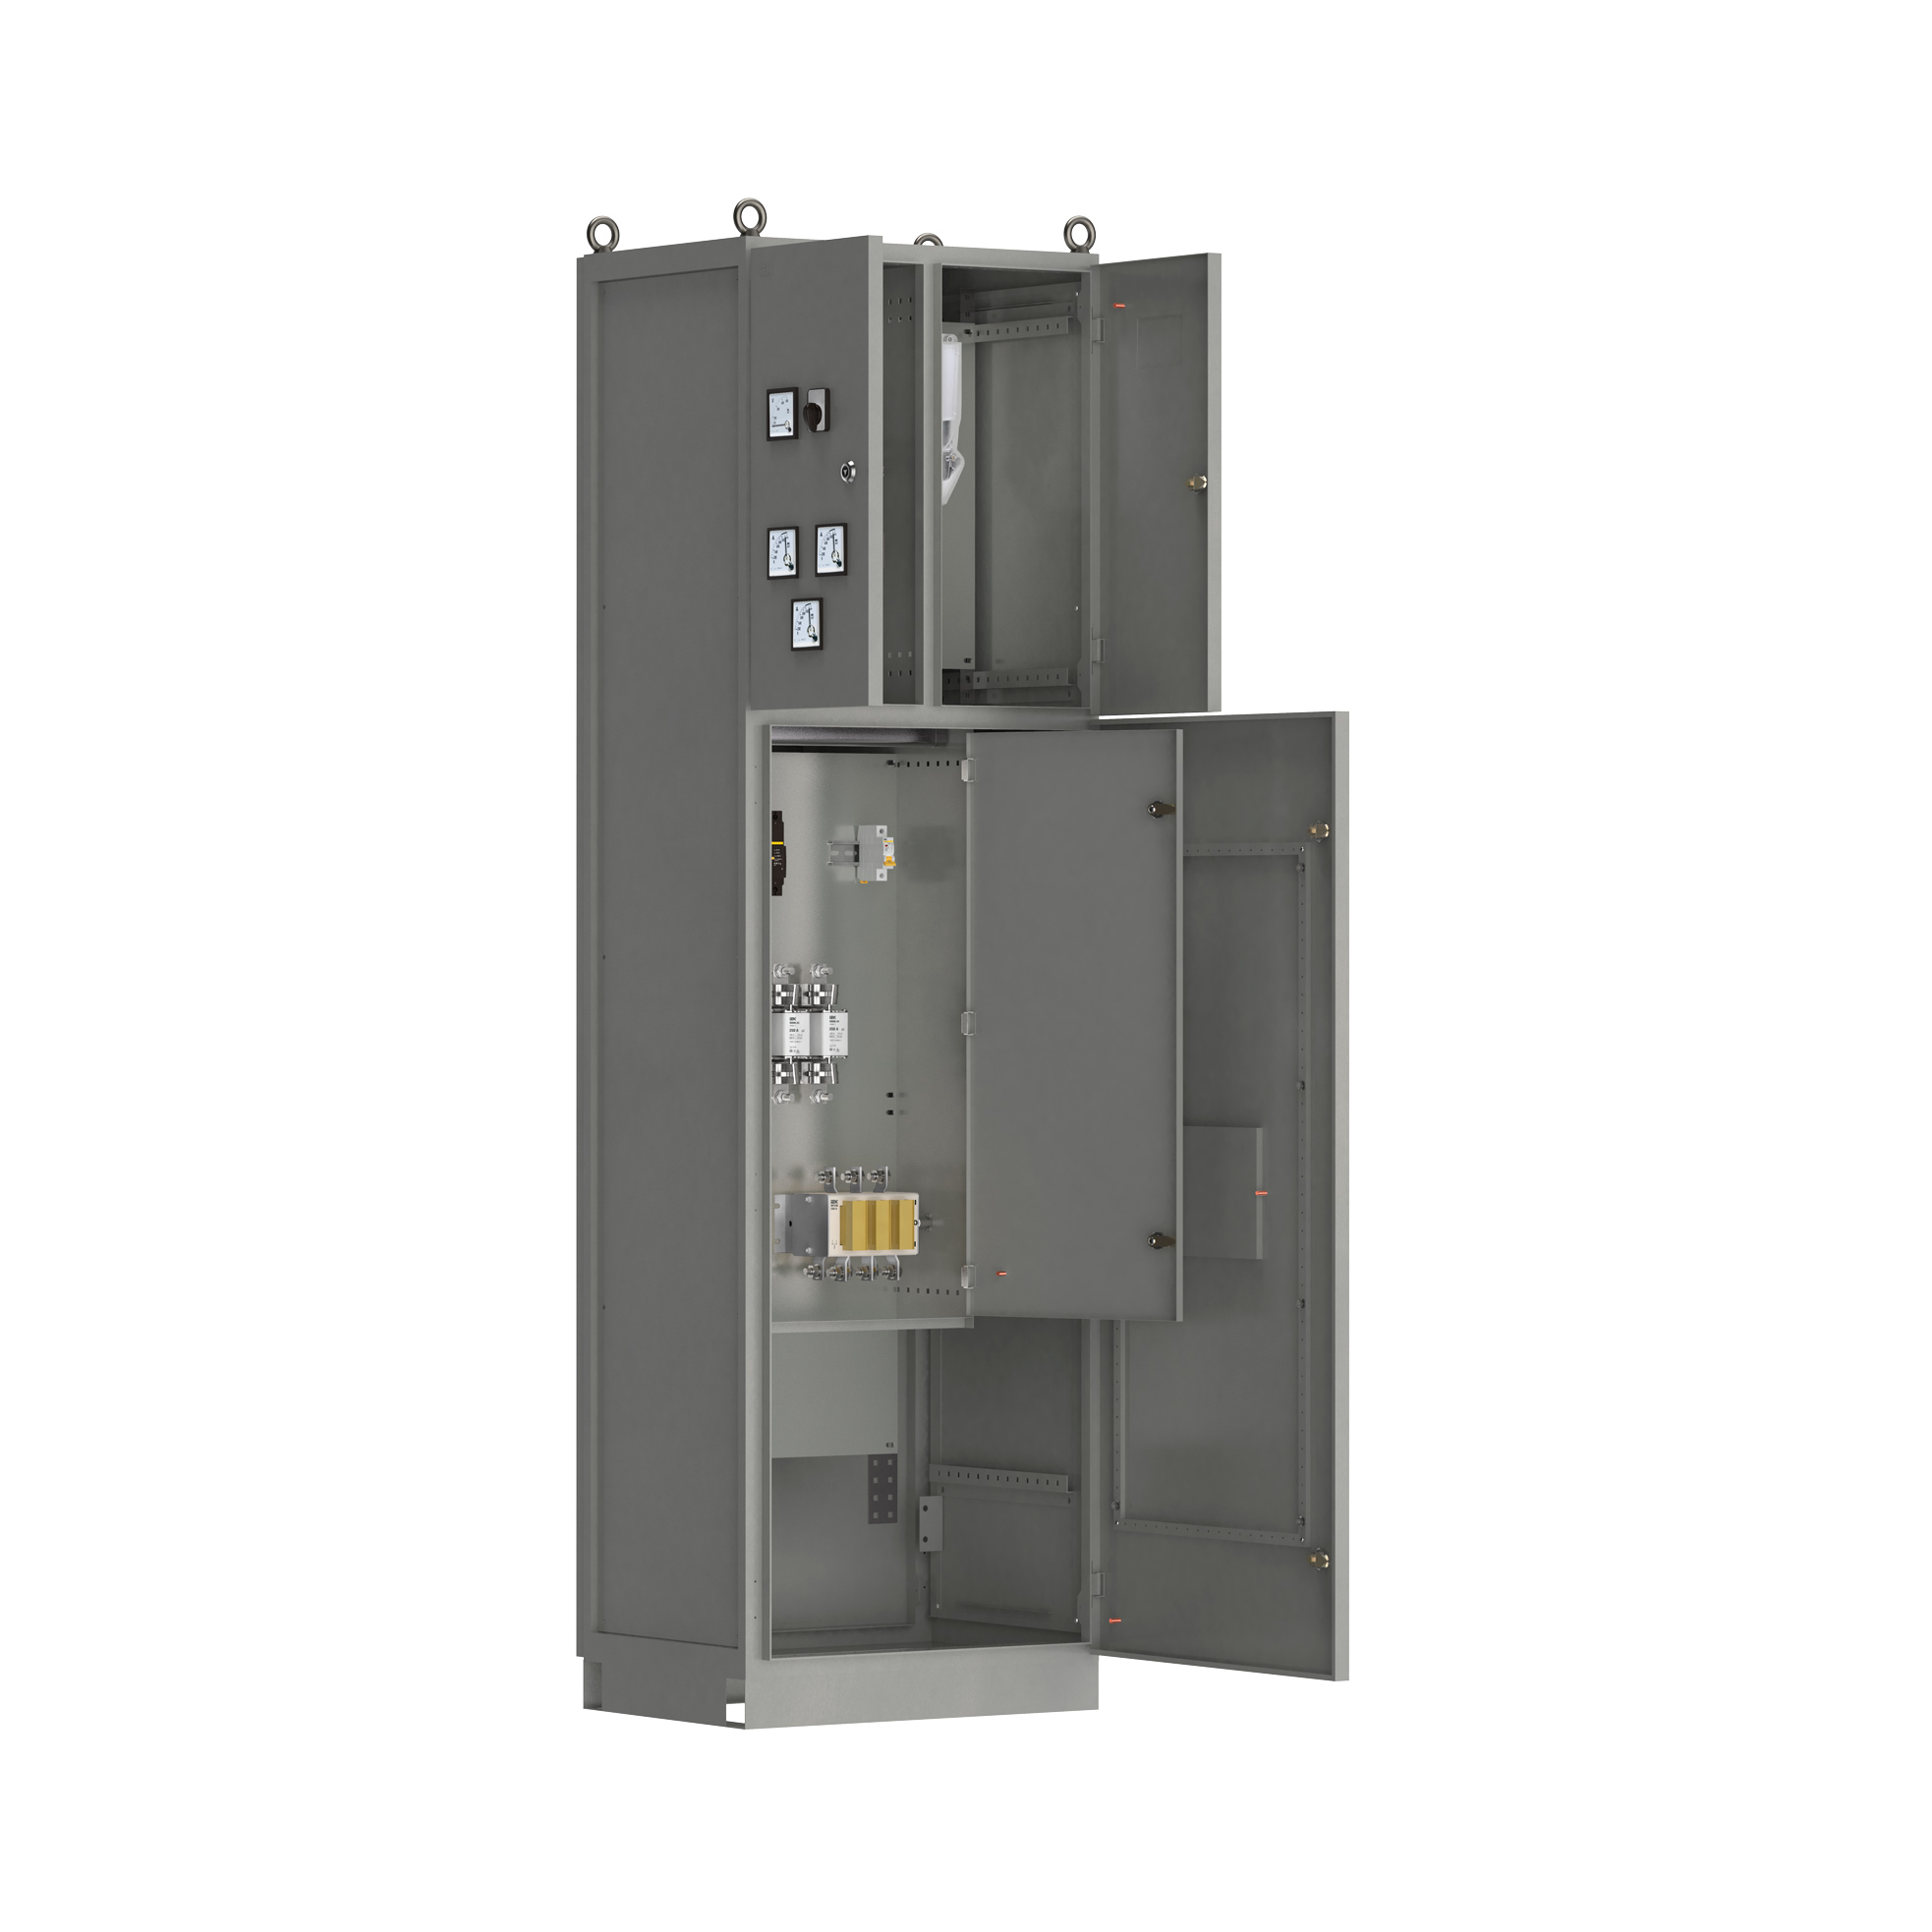 Панель вводная ВРУ-8503 МУ 2ВП-5-25-0-30 рубильник 1х250А плавкие вставки 3х250А выключатель автоматический 1Р 1х6А и учет IEK